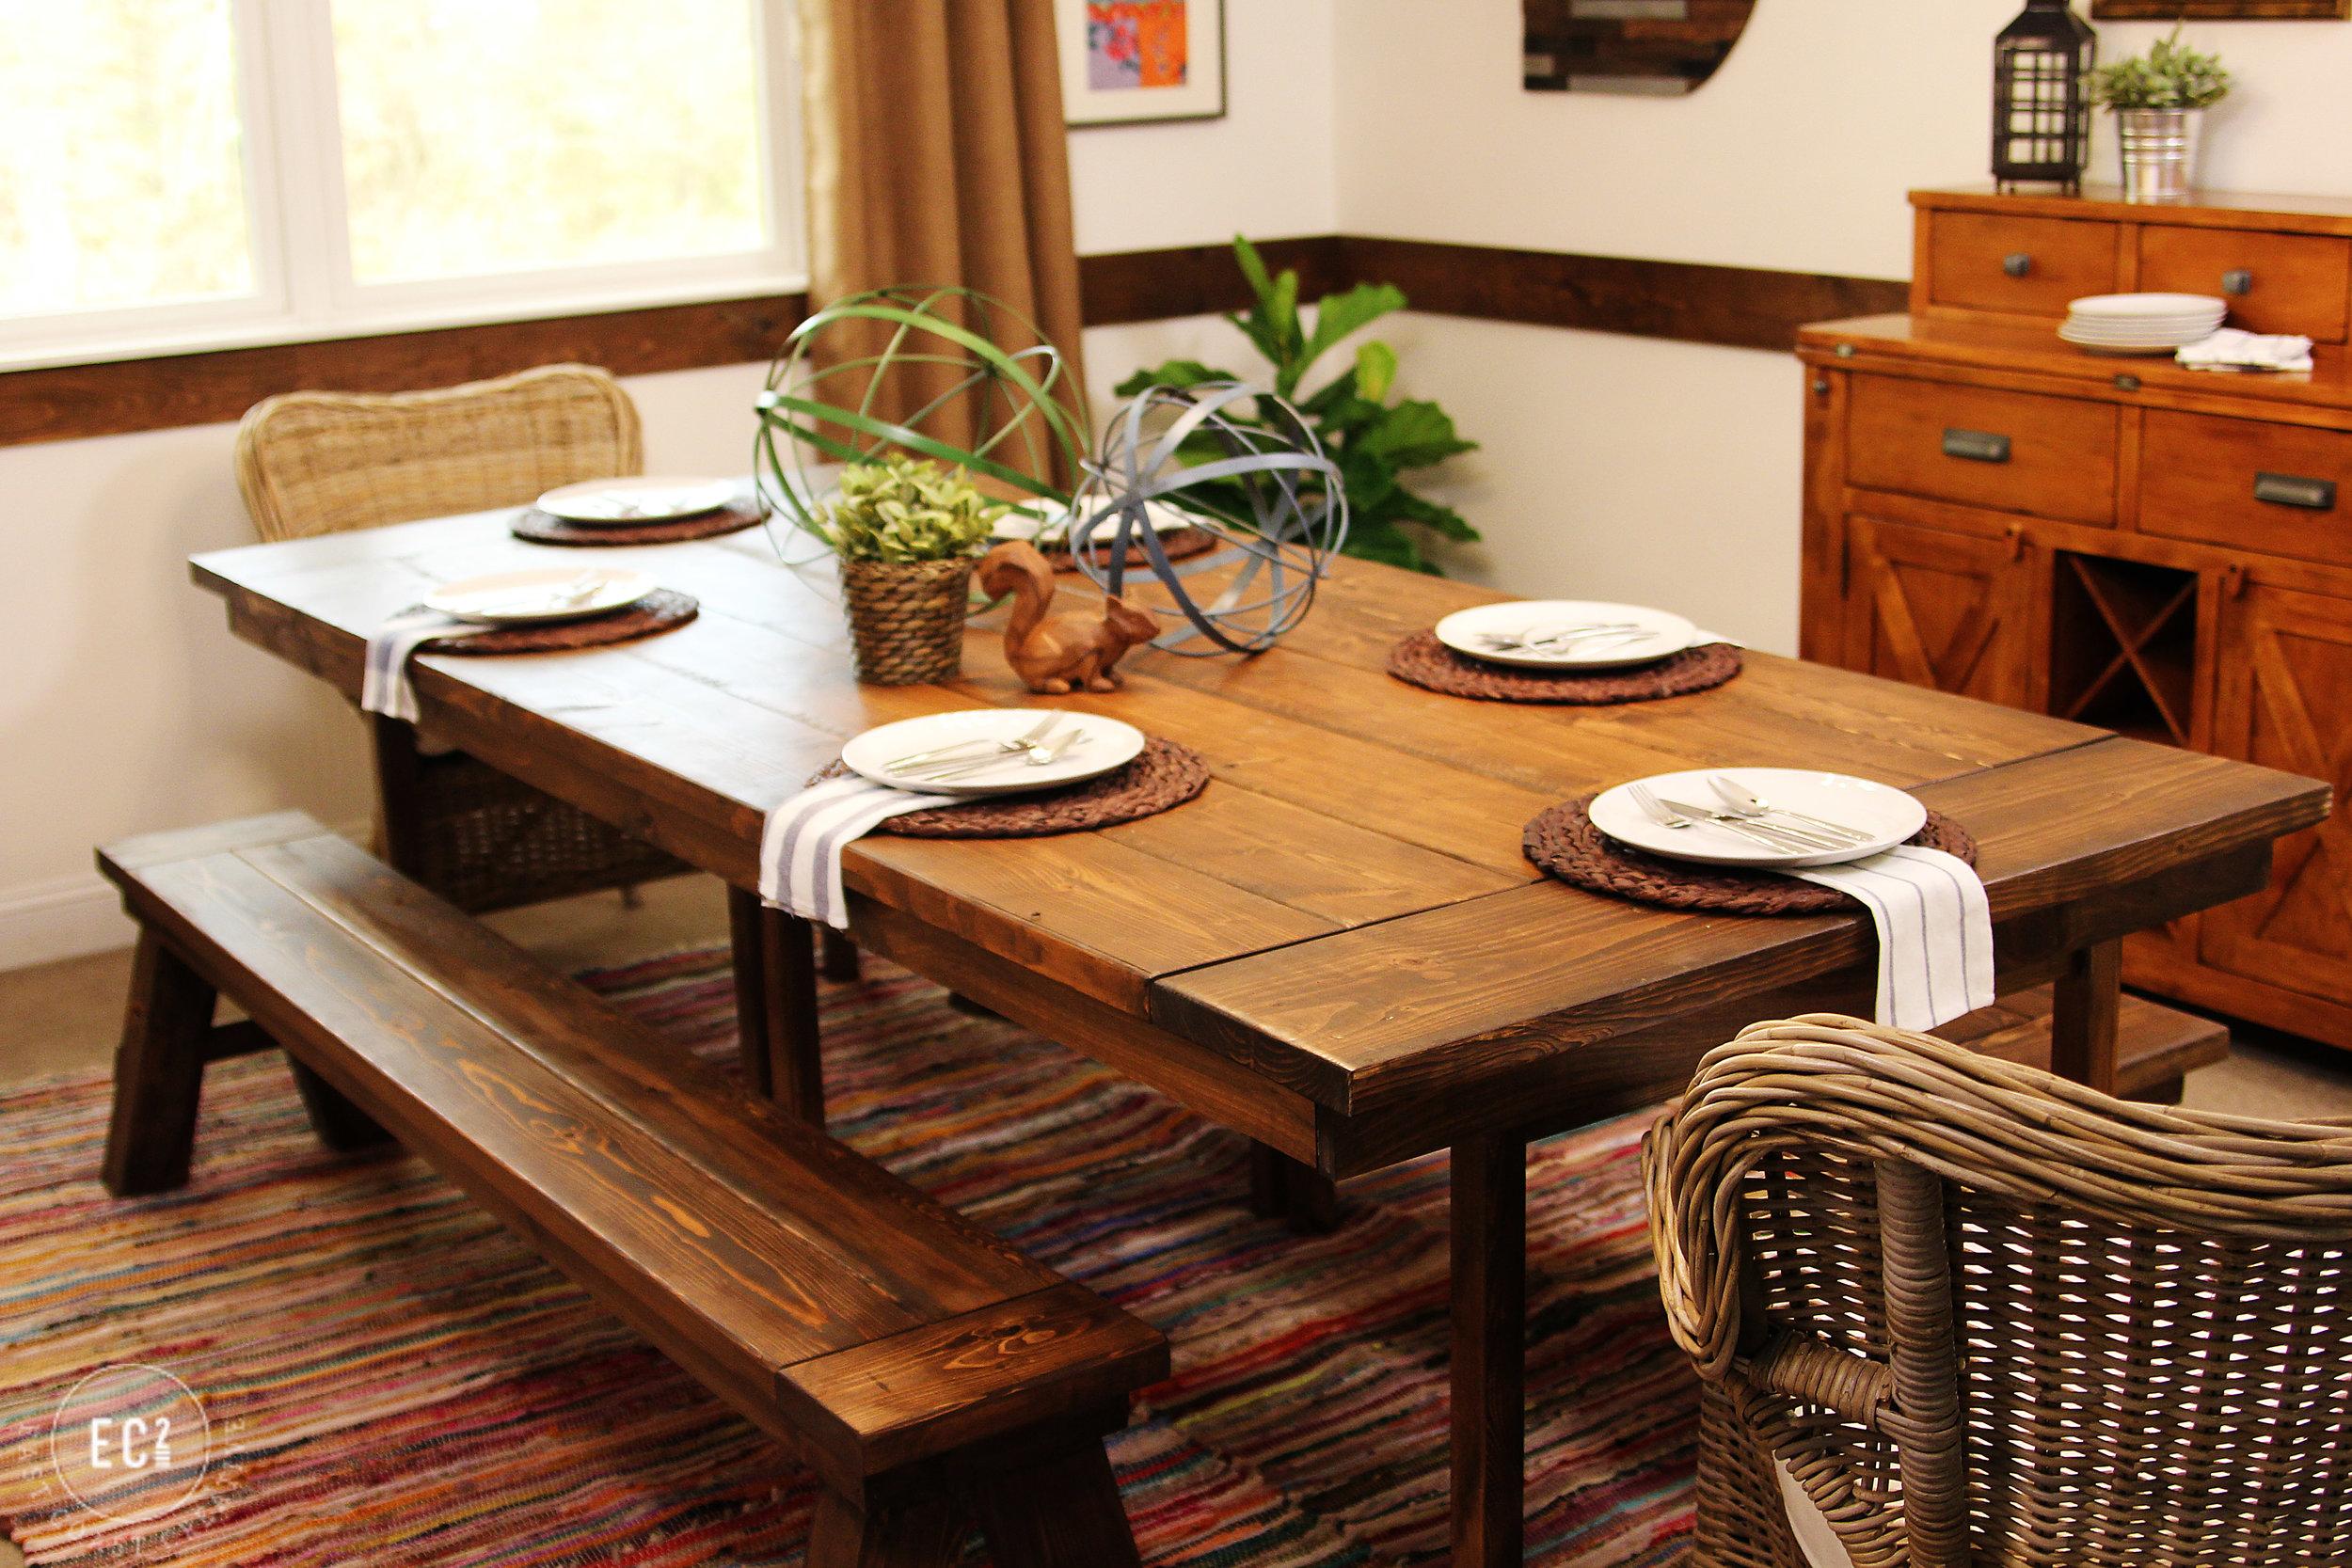 Build-Your-Own-Farmhouse-Table-.jpg